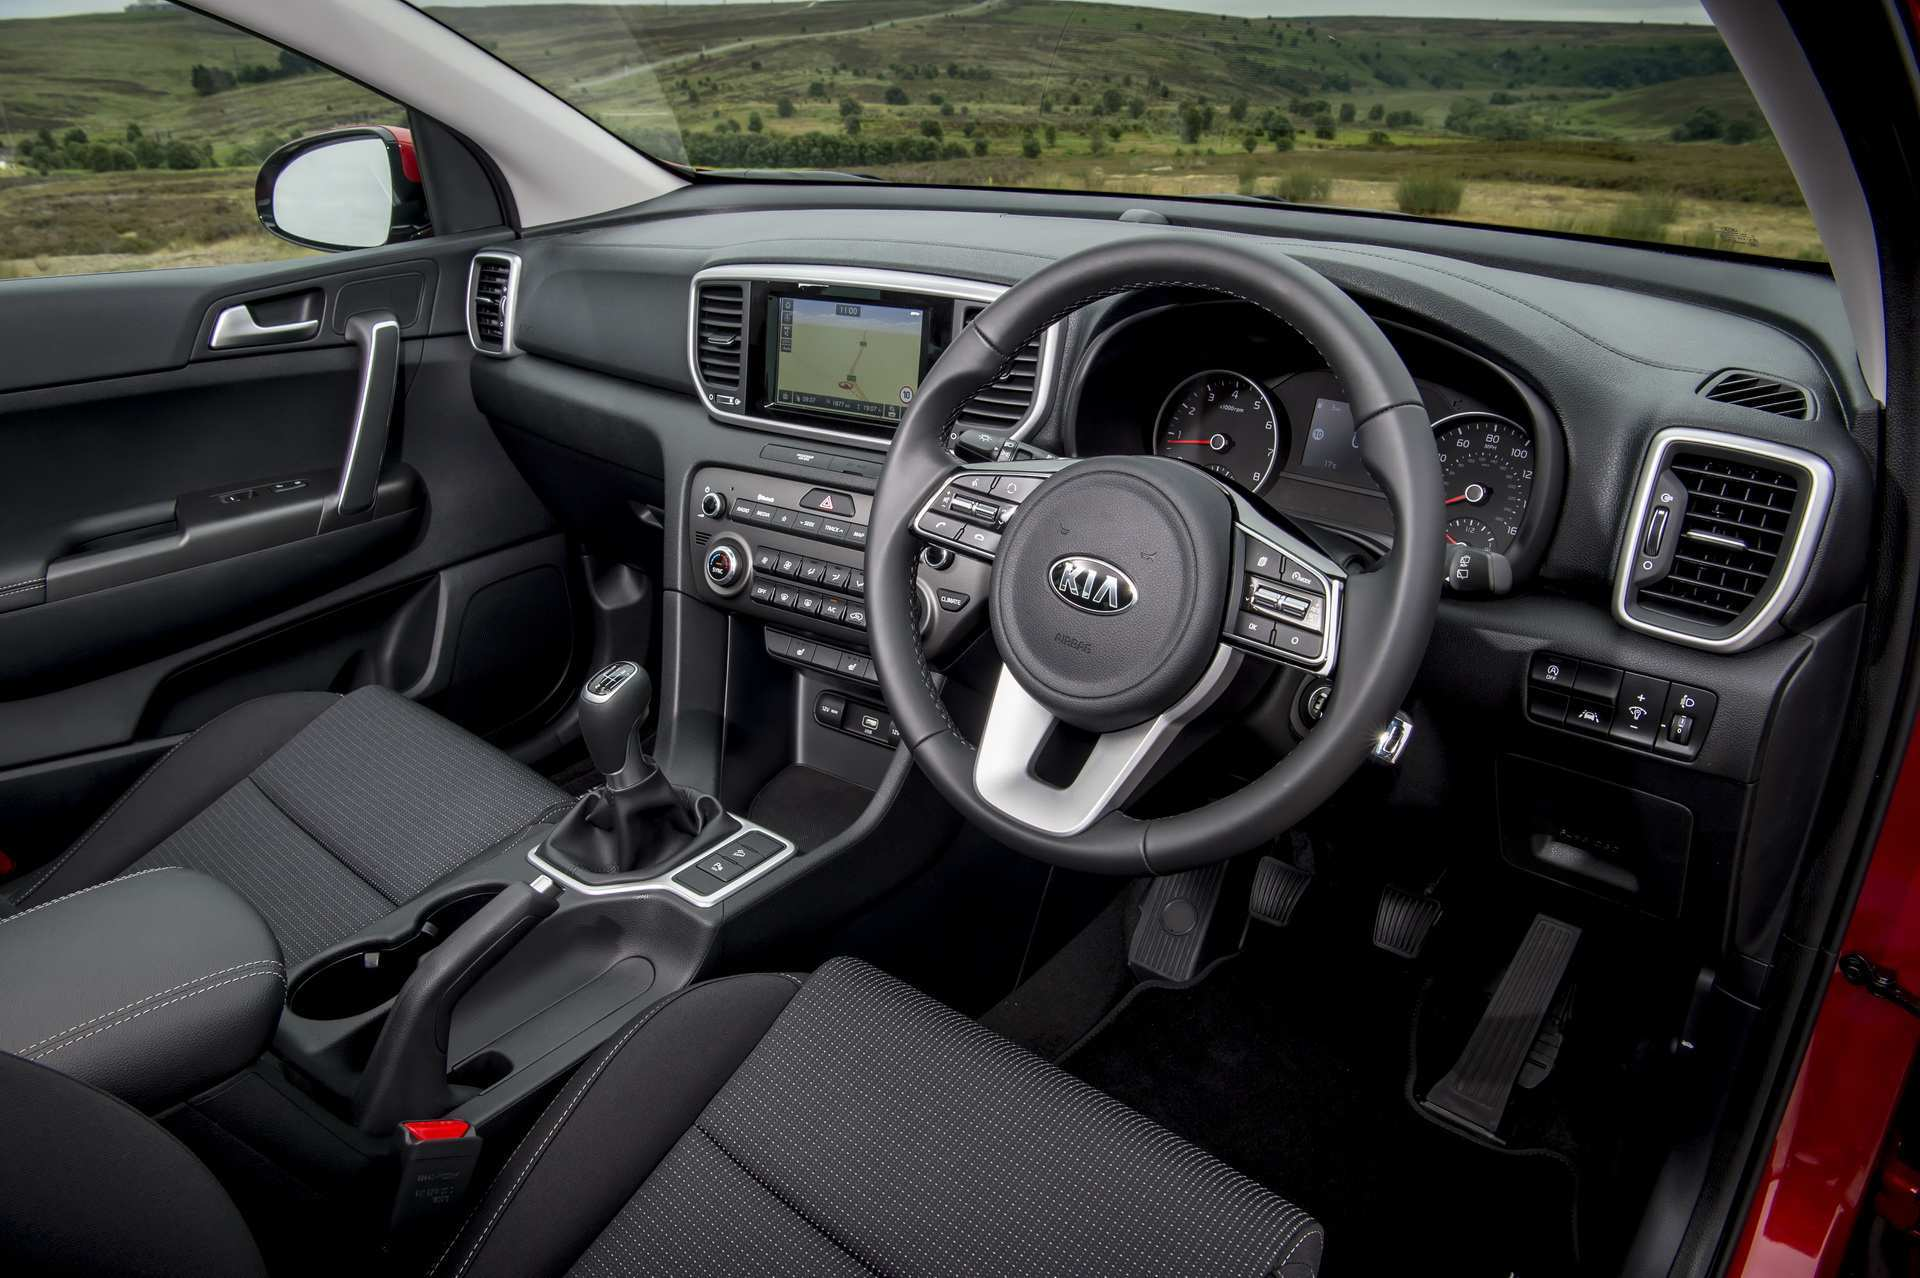 40 Gallery of New Kia Sorento 2019 Uk Specs Speed Test by New Kia Sorento 2019 Uk Specs